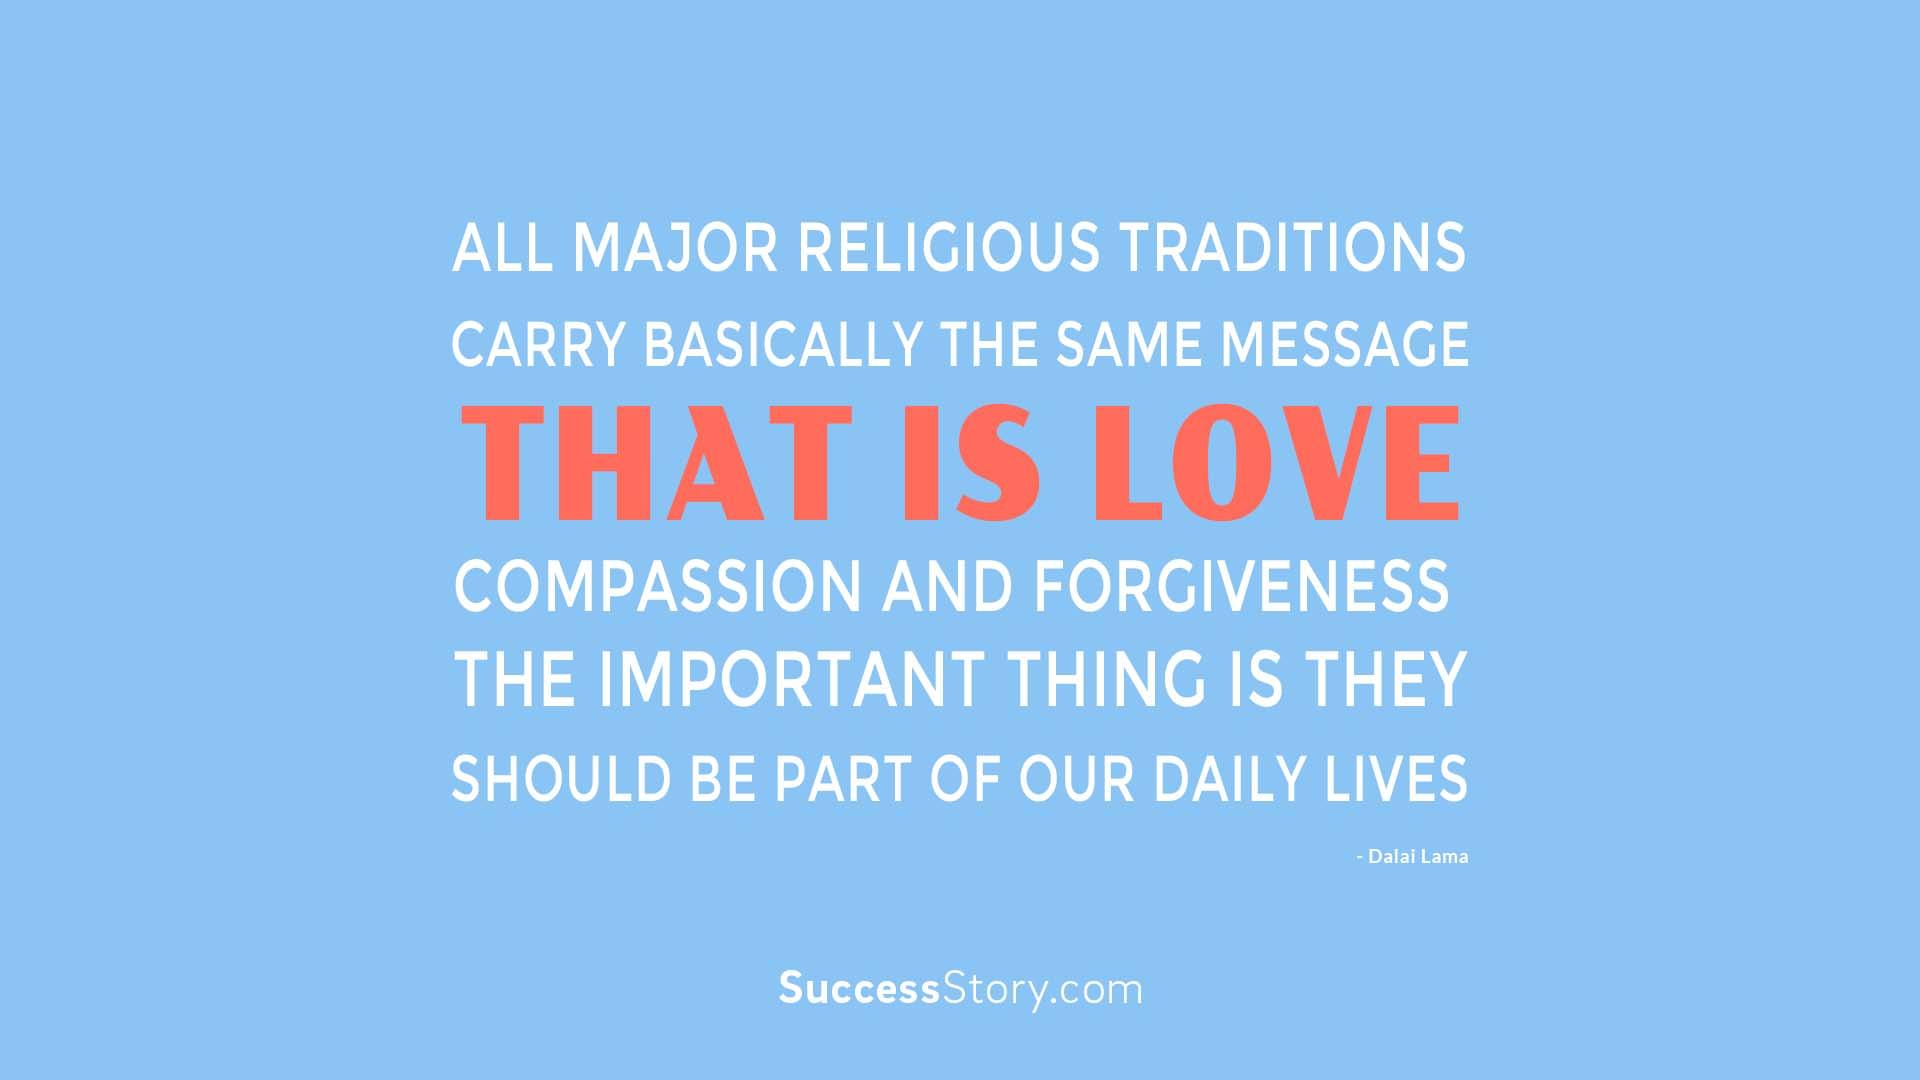 All major religio